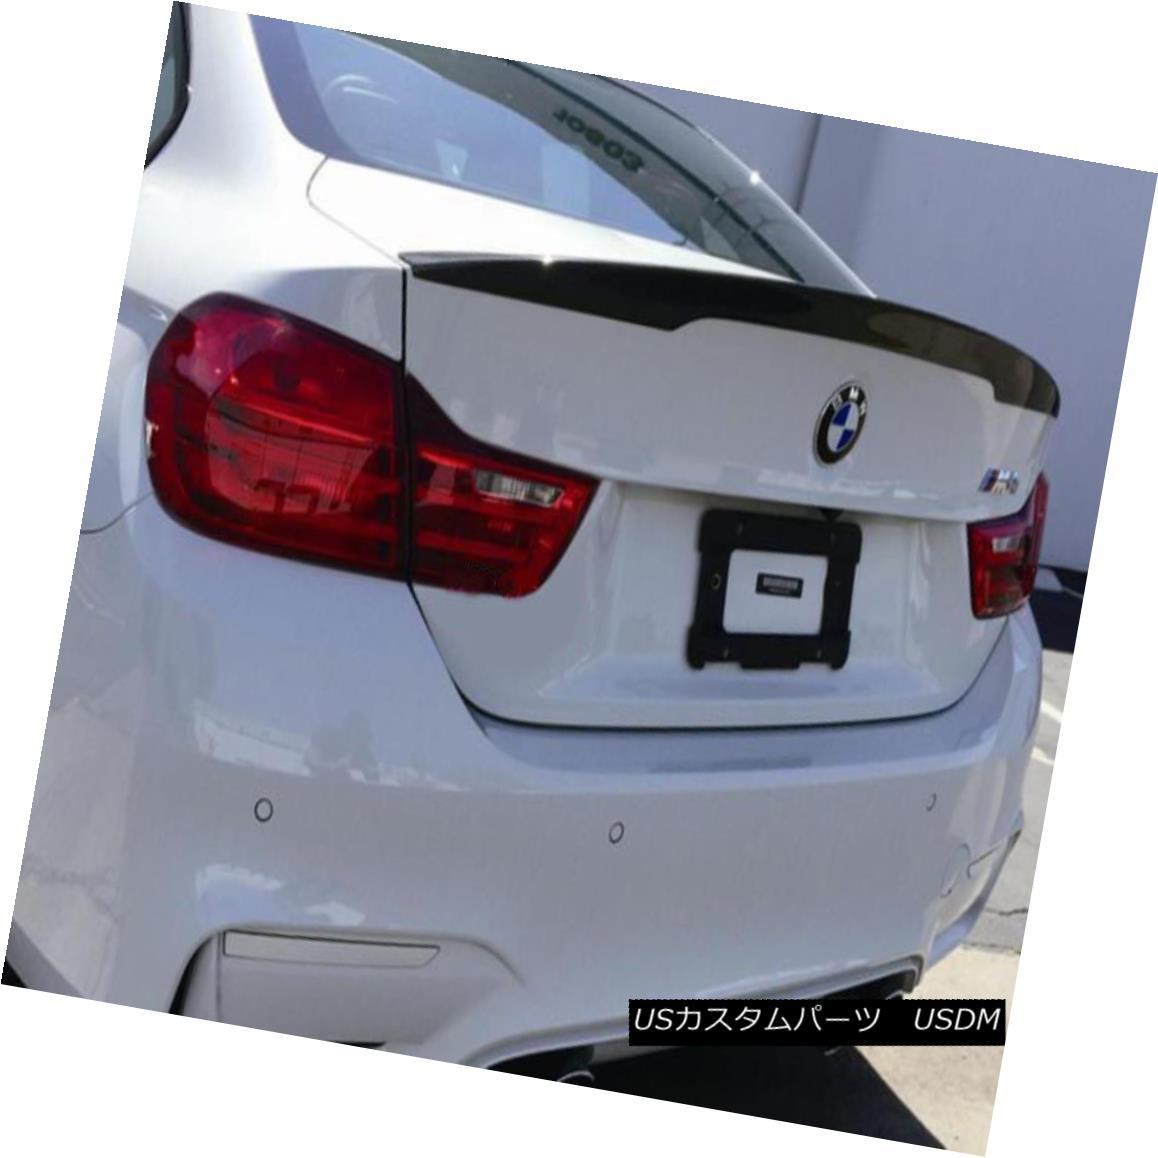 エアロパーツ Rear Trunk Spoiler Wing Boot Lip Kit For BMW F82 F83 M4 V Style Carbon Fiber 後部トランクスポイラーウィングブーツリップキットfor BMW F82 F83 M4 Vスタイルカーボンファイバー